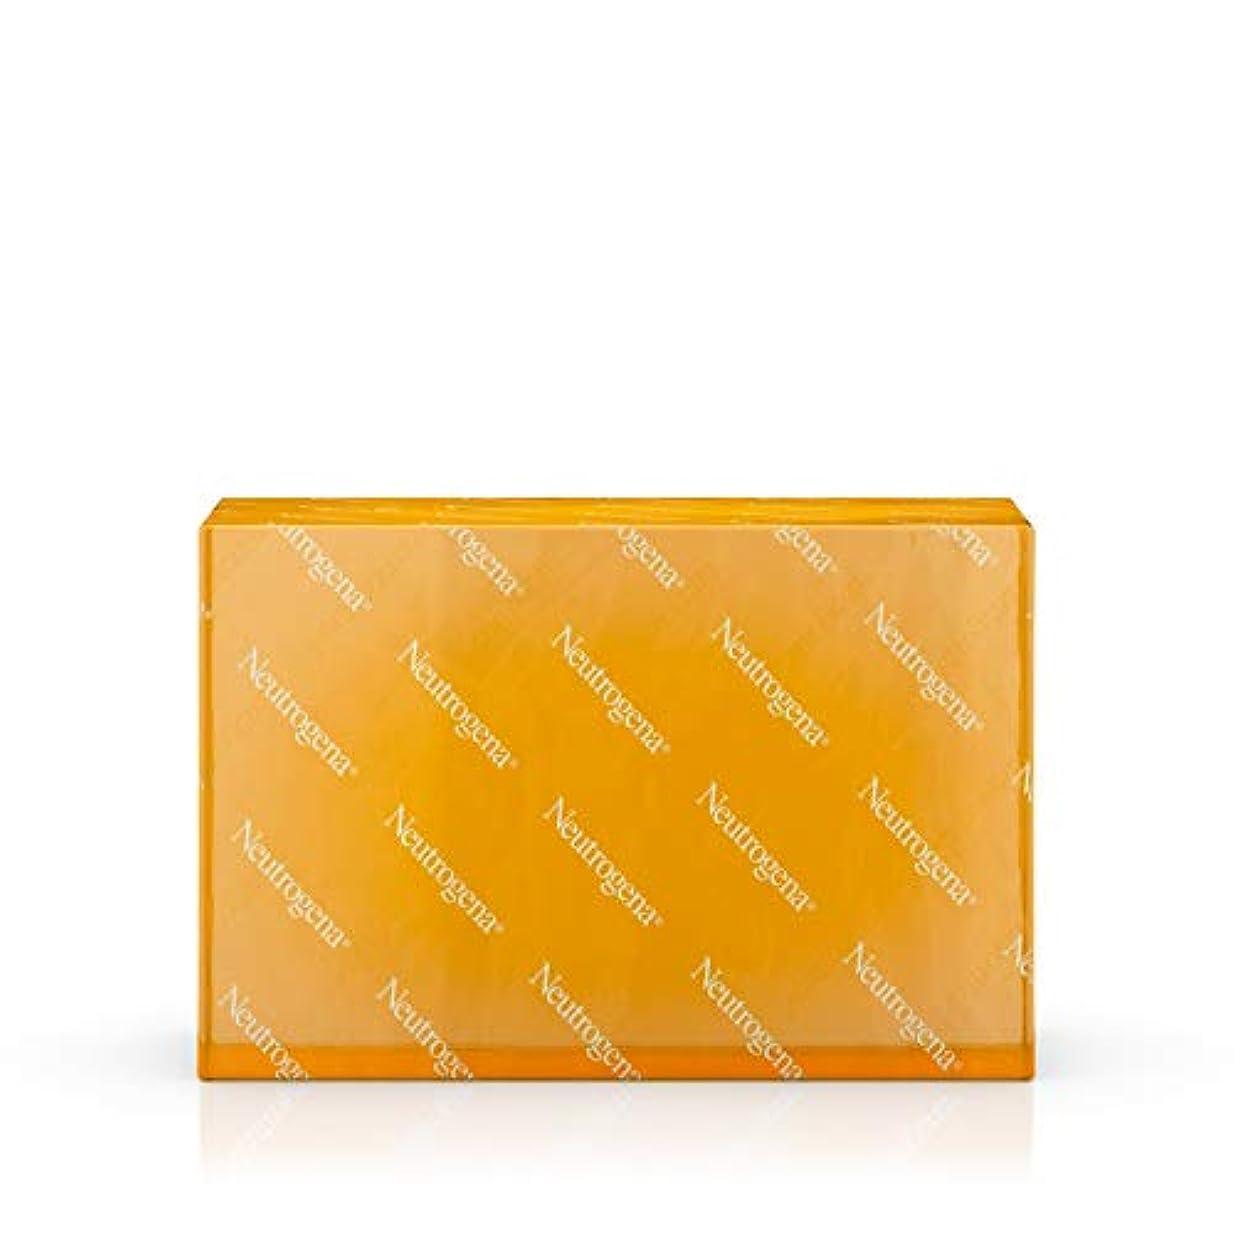 ピニオンクレデンシャル脅威海外直送品 Neutrogena Neutrogena Transparent Facial Bar Soap Fragrance Free, Fragrance Free 3.5 oz